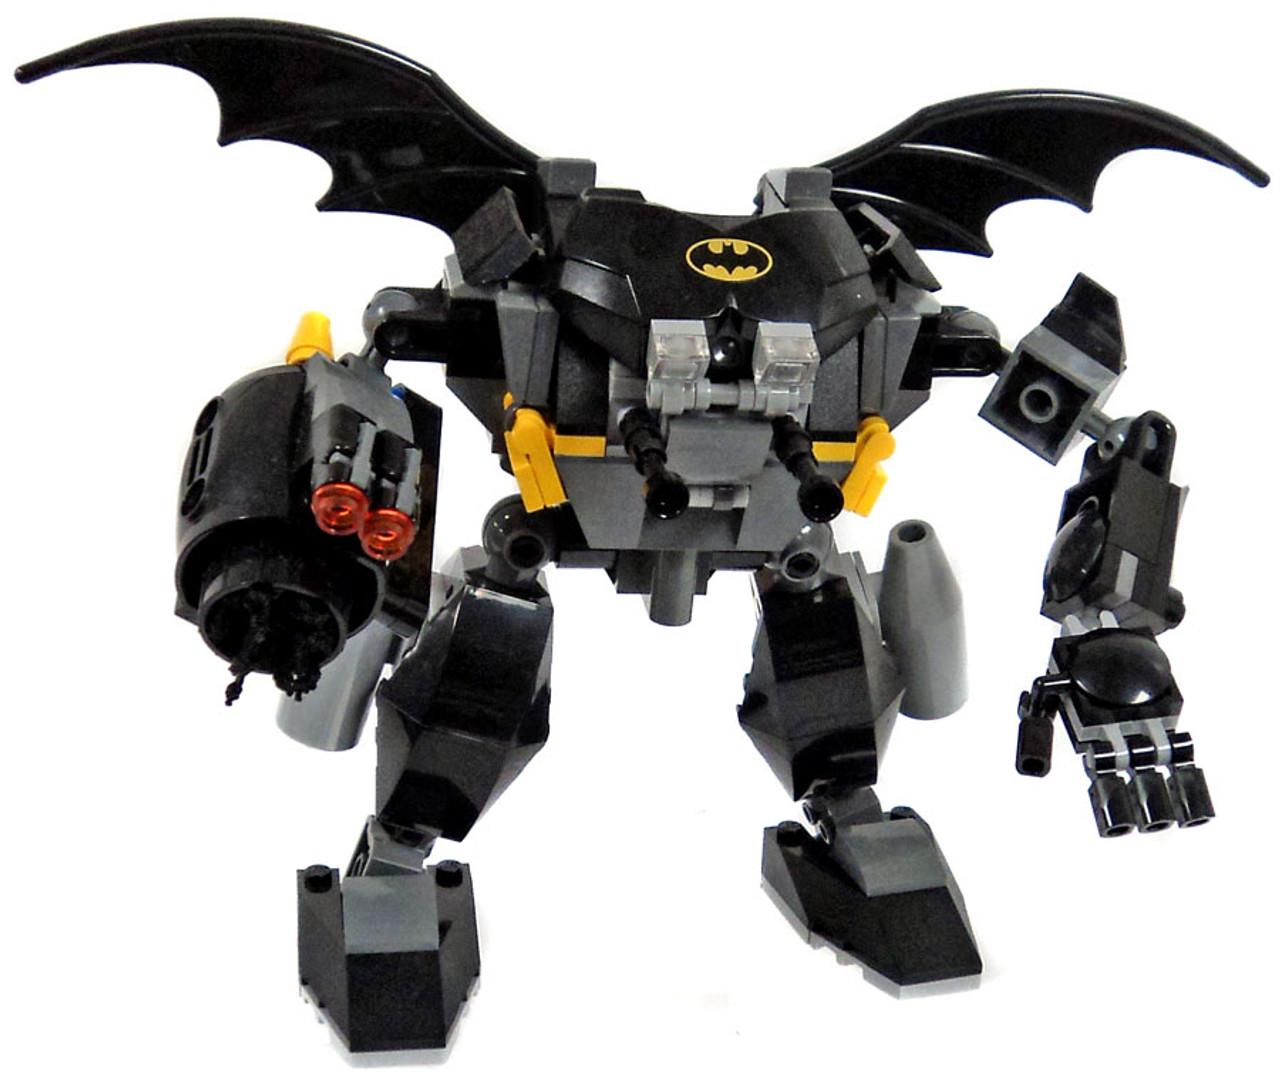 LEGO DC Universe Super Heroes Loose Bat-Mech Suit Set